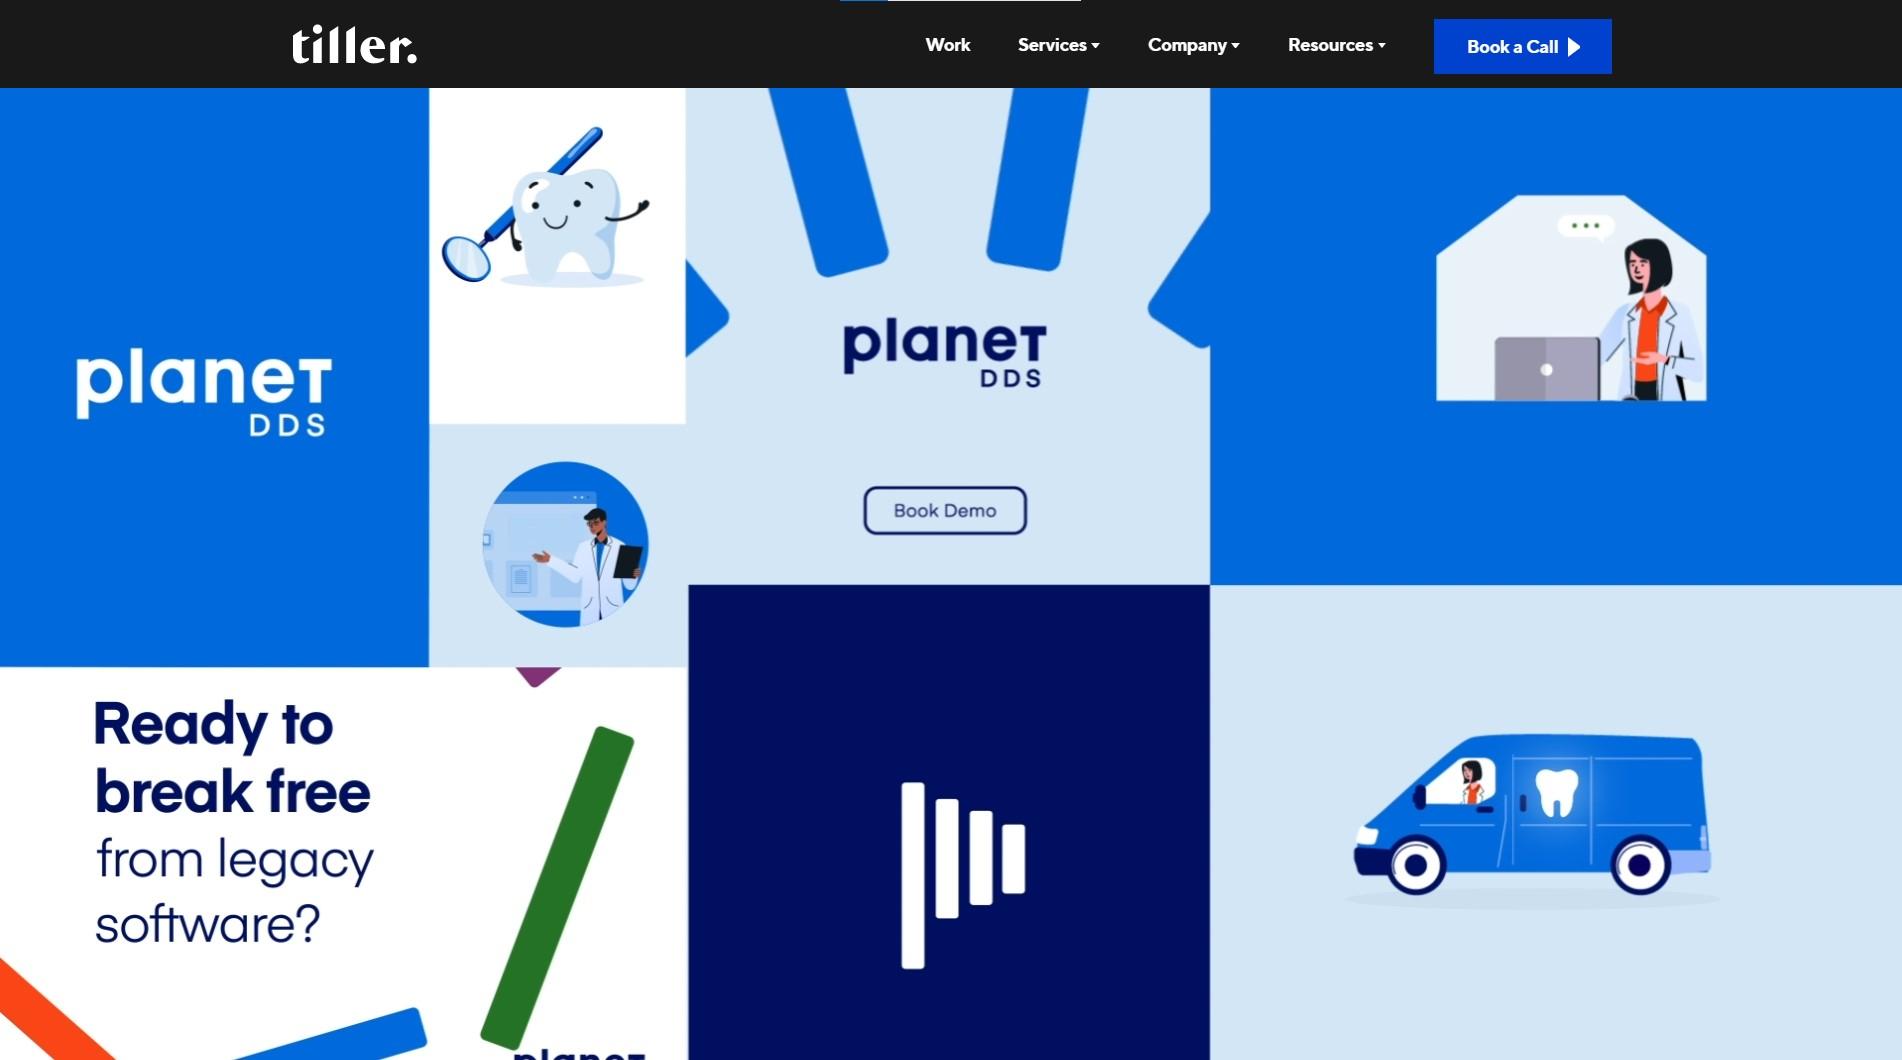 Orpetron Web Design Awards - Tiller Digital - Web Design Awards Inspiration Trends UI UX